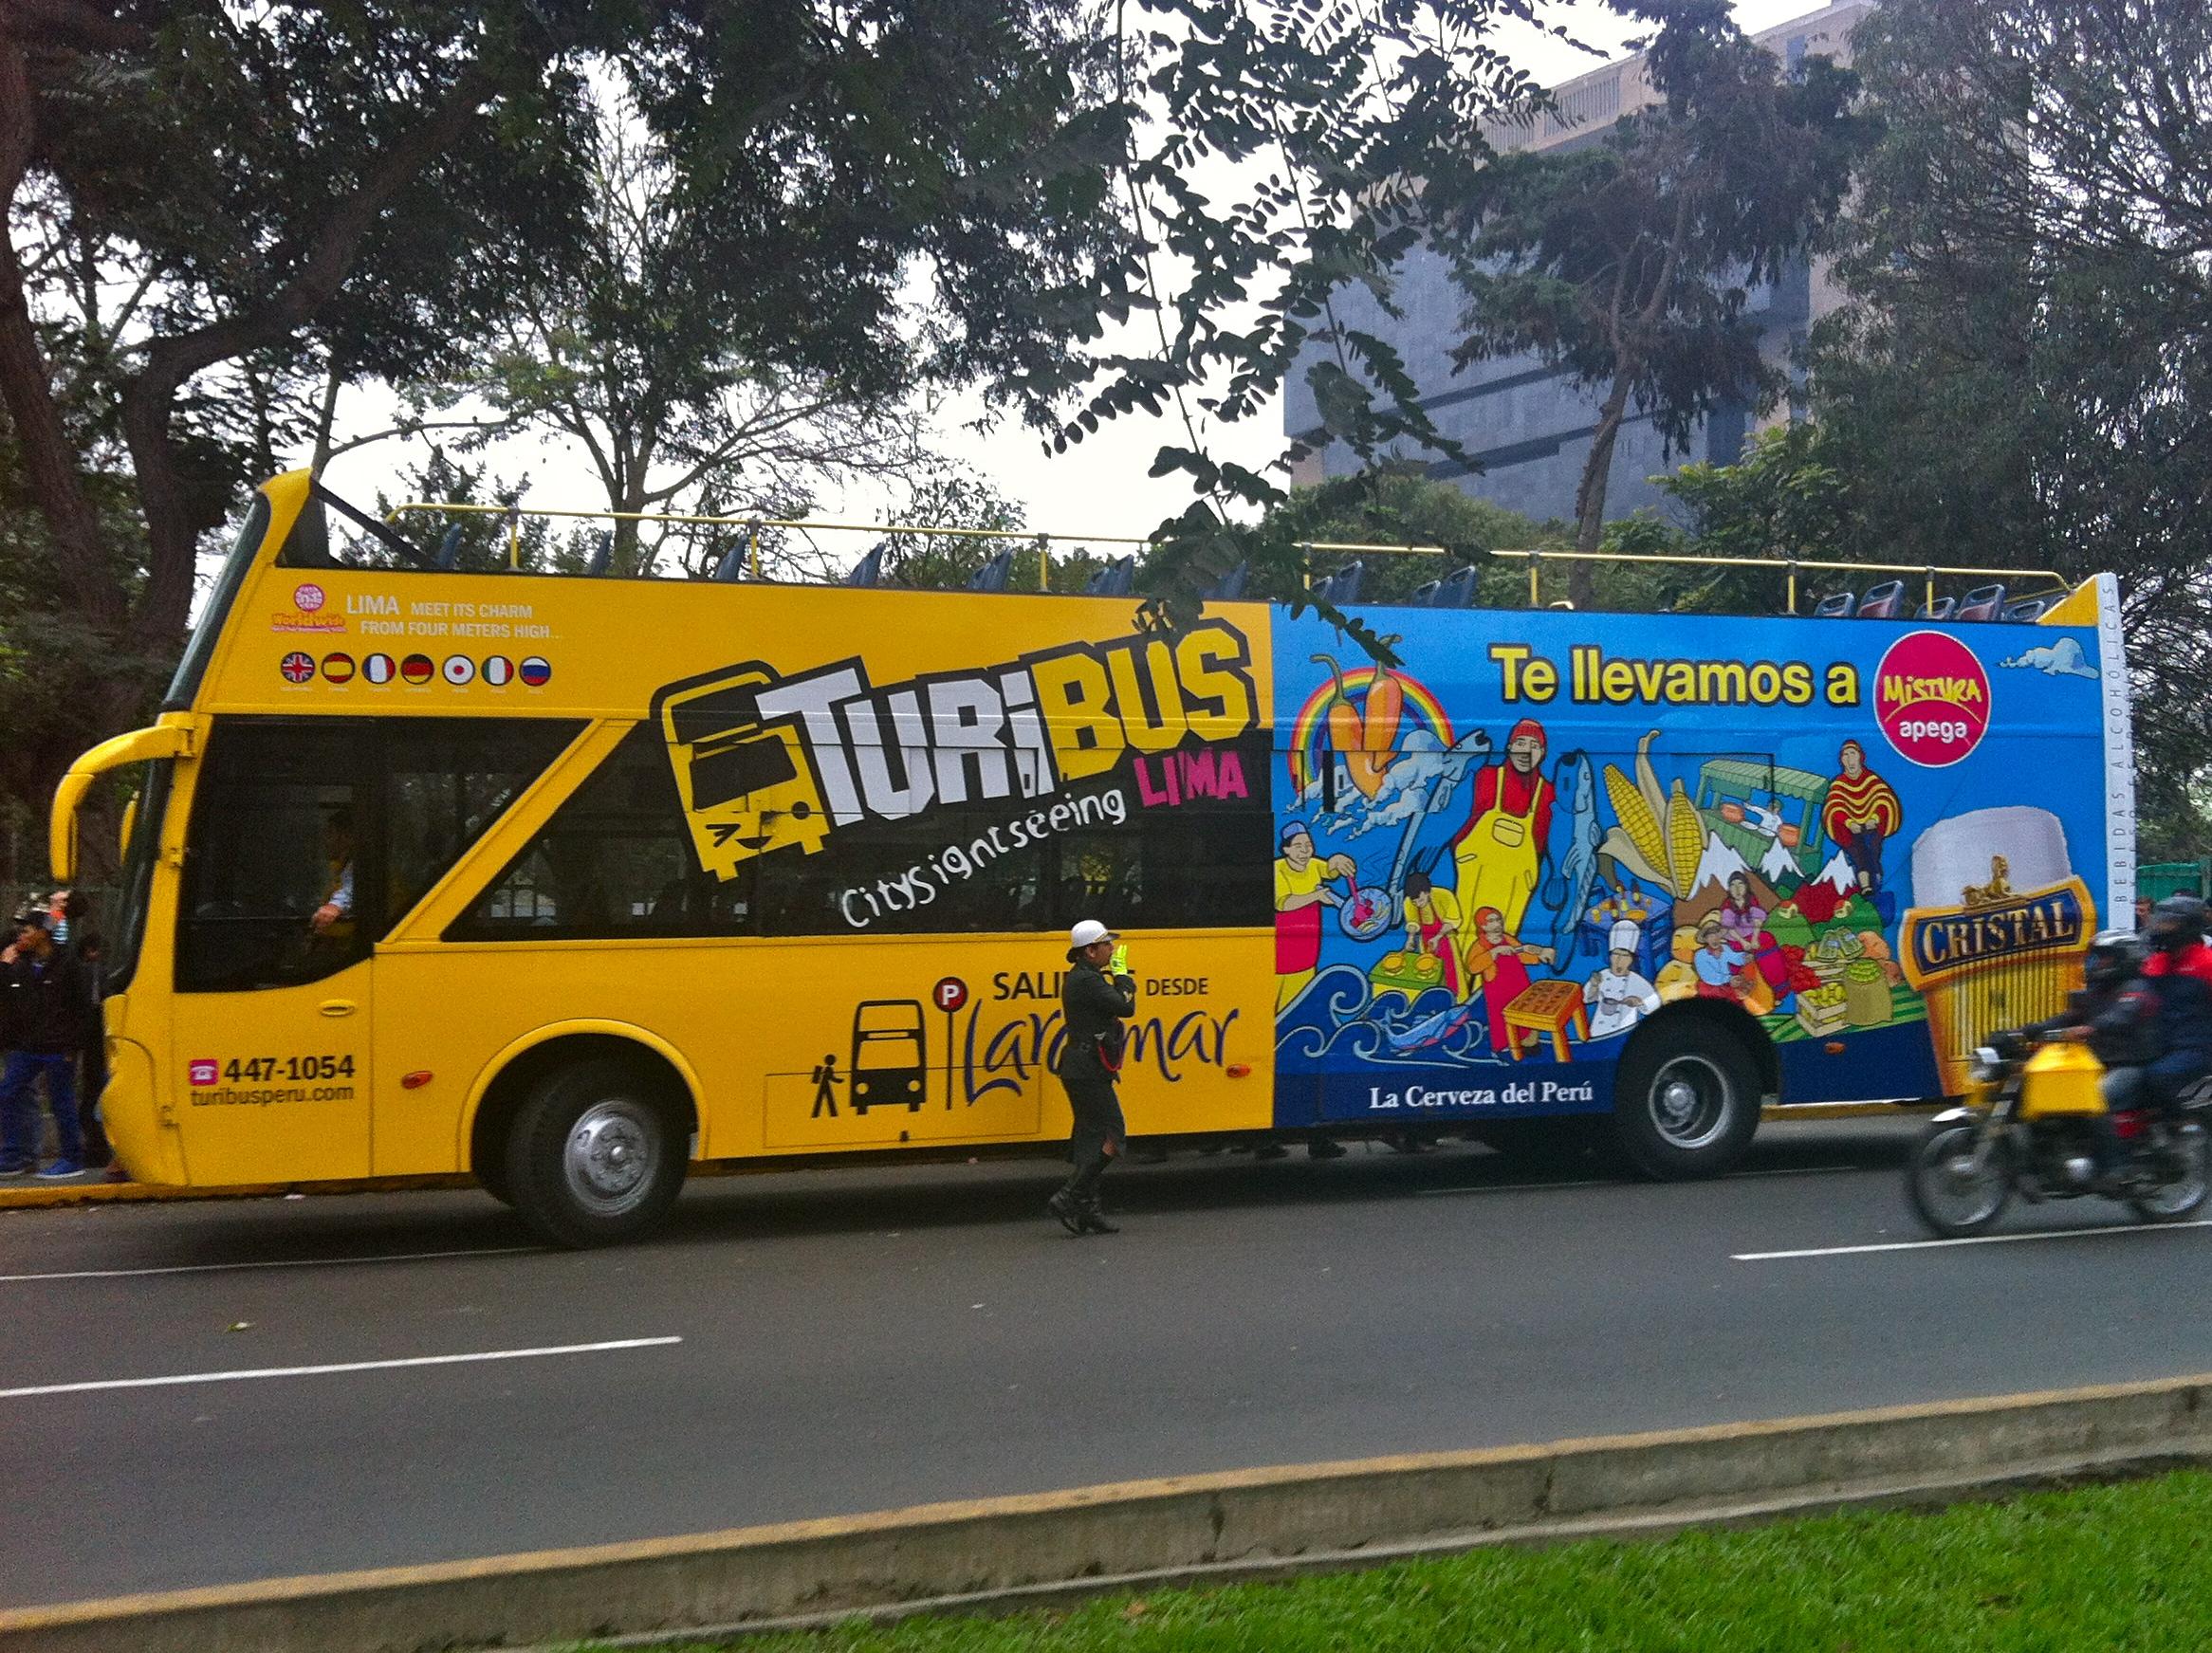 Turisbus, Lima